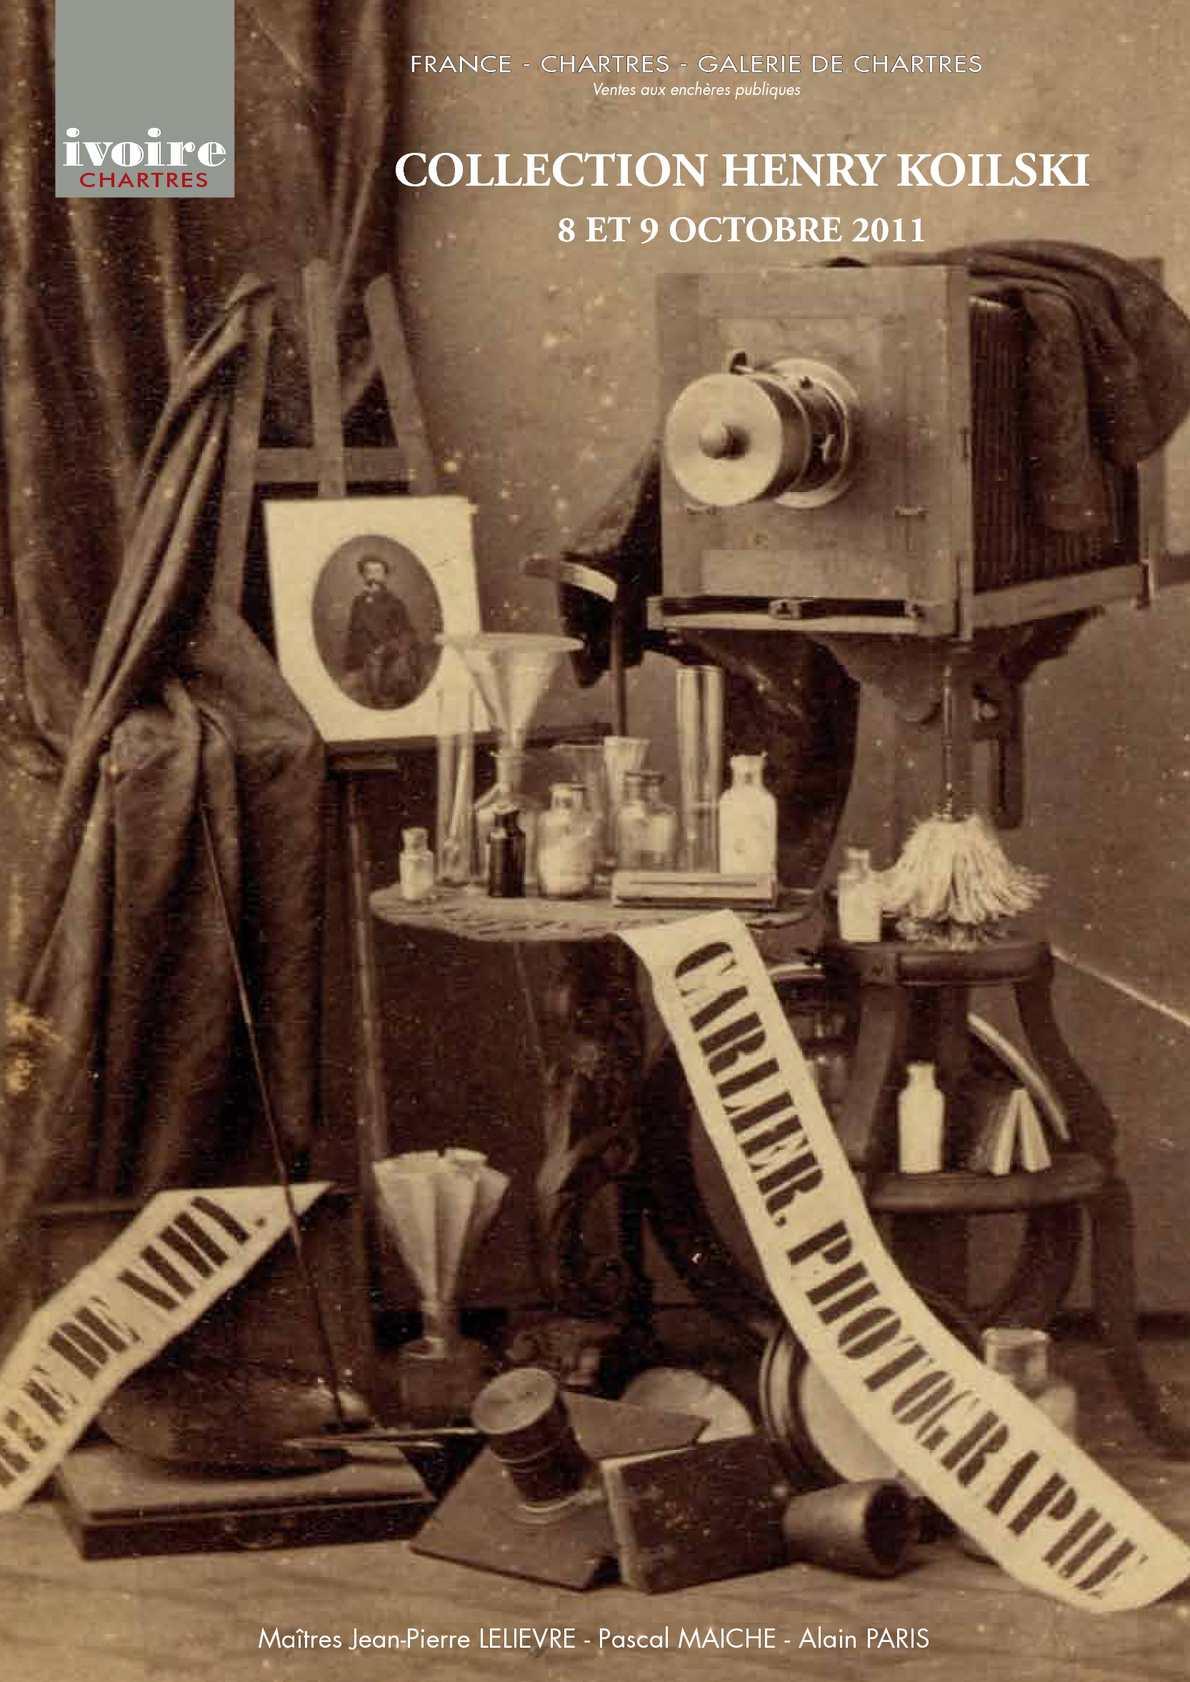 Calam o pre cinema cinema appareils photographiques for Chambre photographique 13 x 18